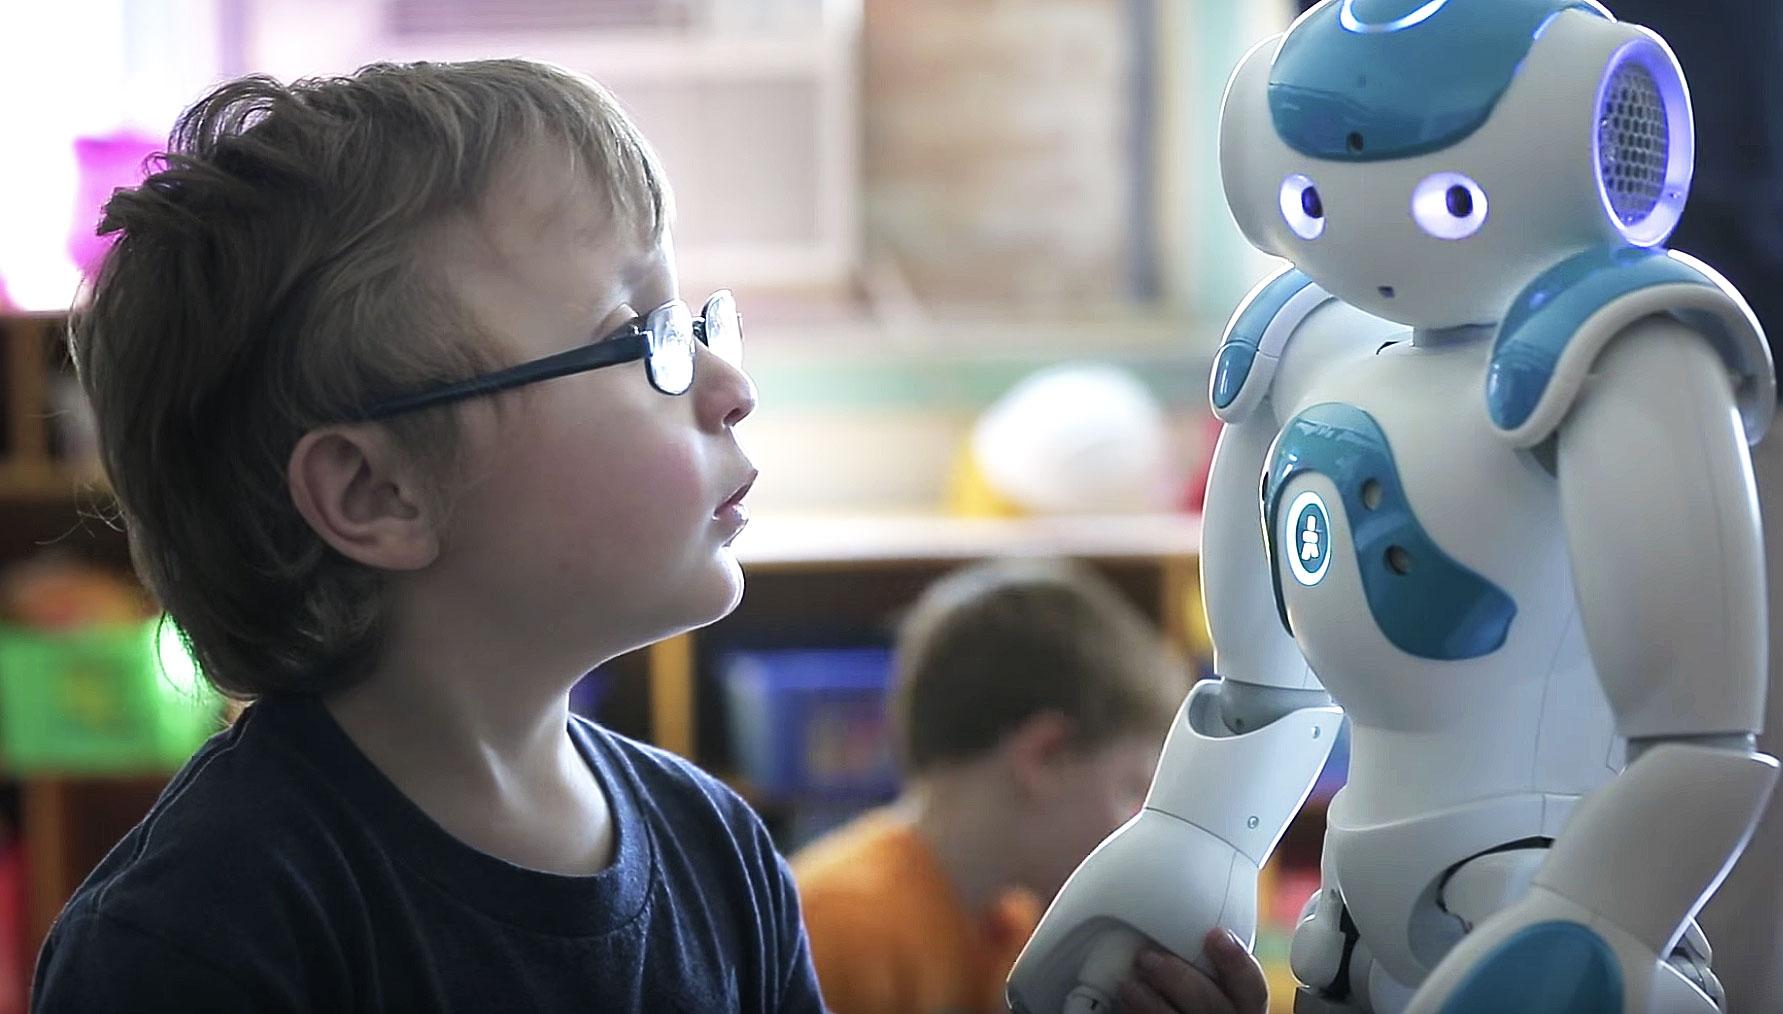 なぜ、ヒューマノイドロボットが自閉症療育で利用されるのか?